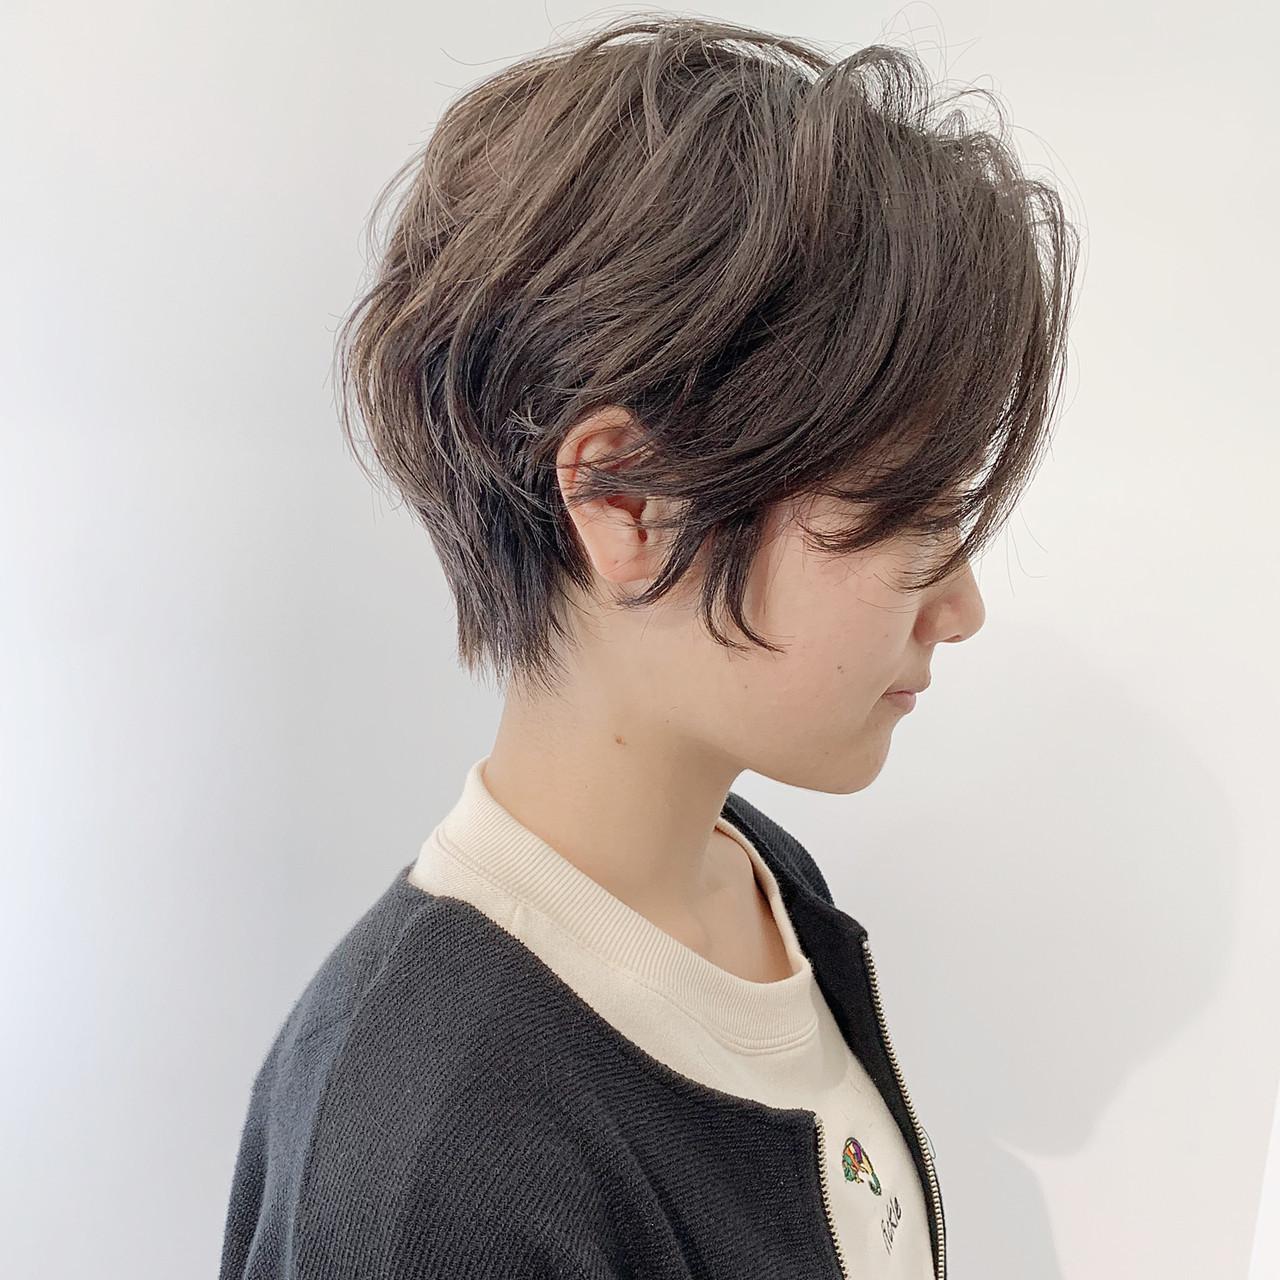 ショートボブ ハンサムショート ショート 大人ヘアスタイル ヘアスタイルや髪型の写真・画像